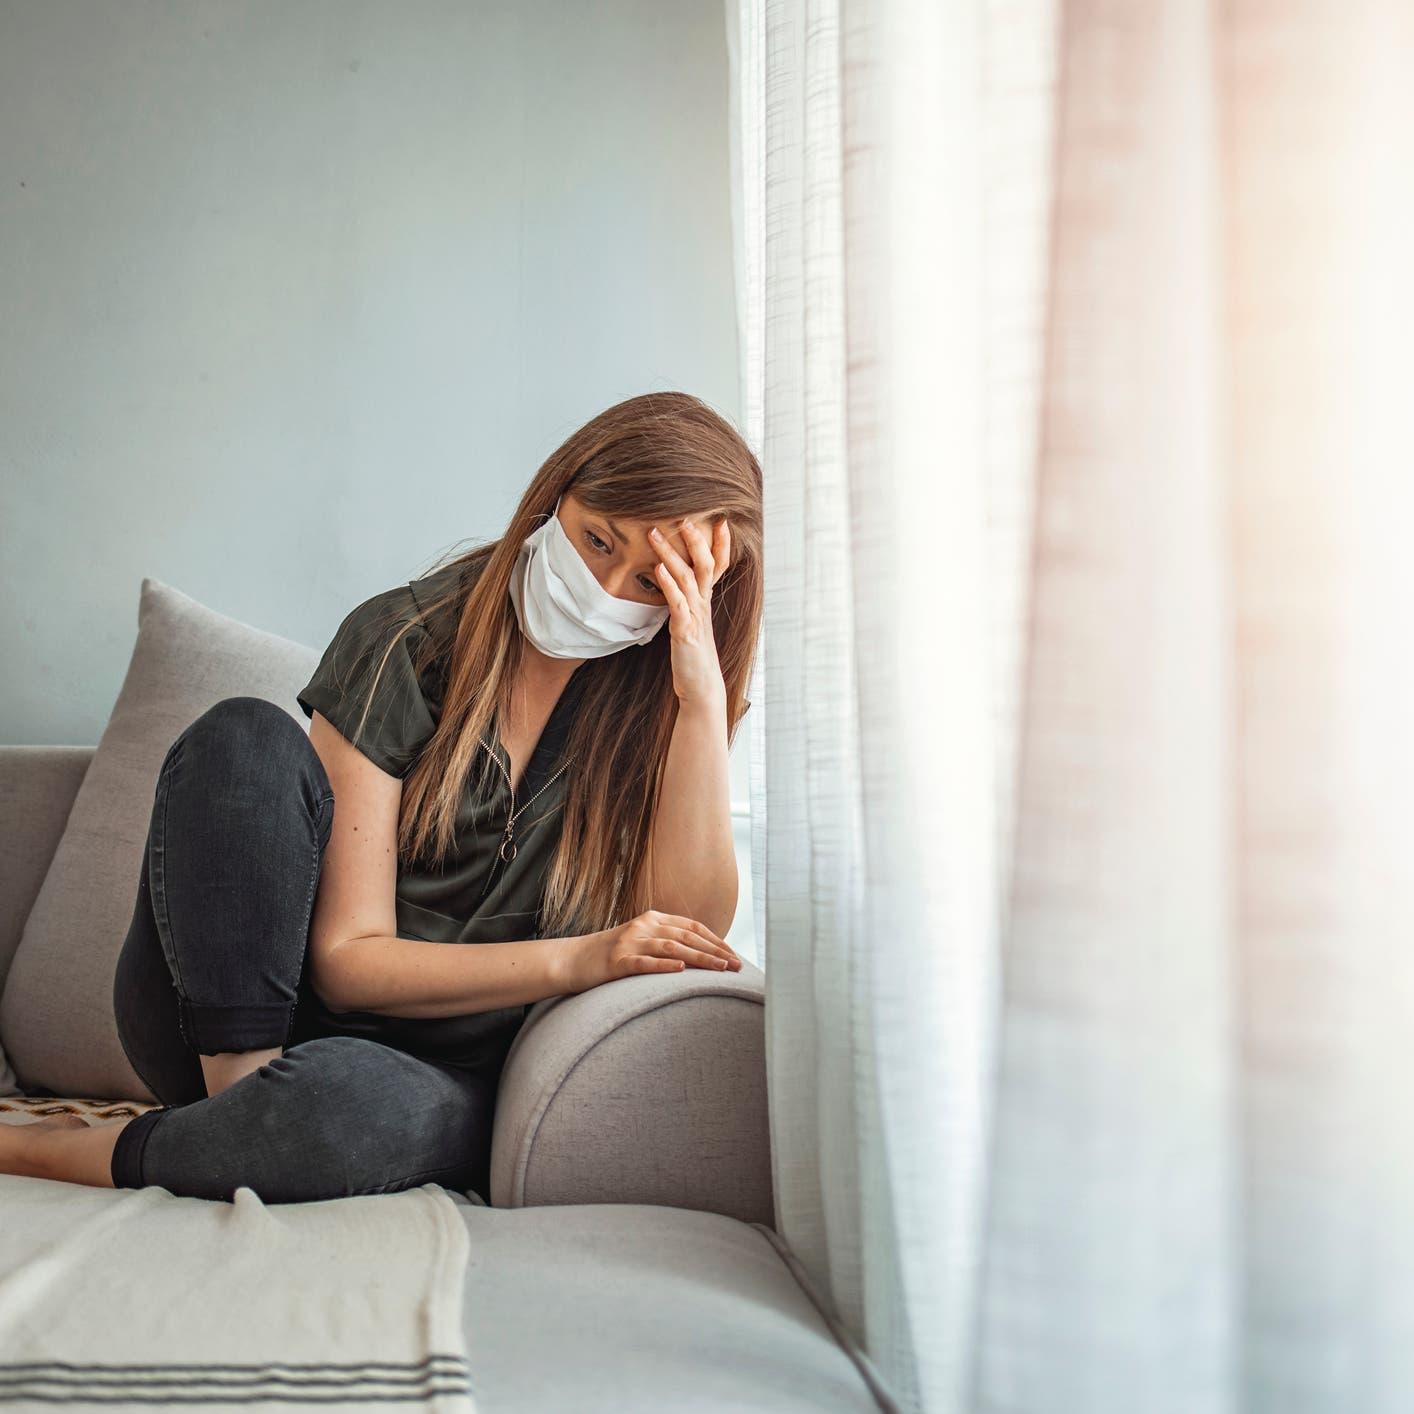 كوفيد والصحة النفسية.. تحذير من تأثير طويل الأمد